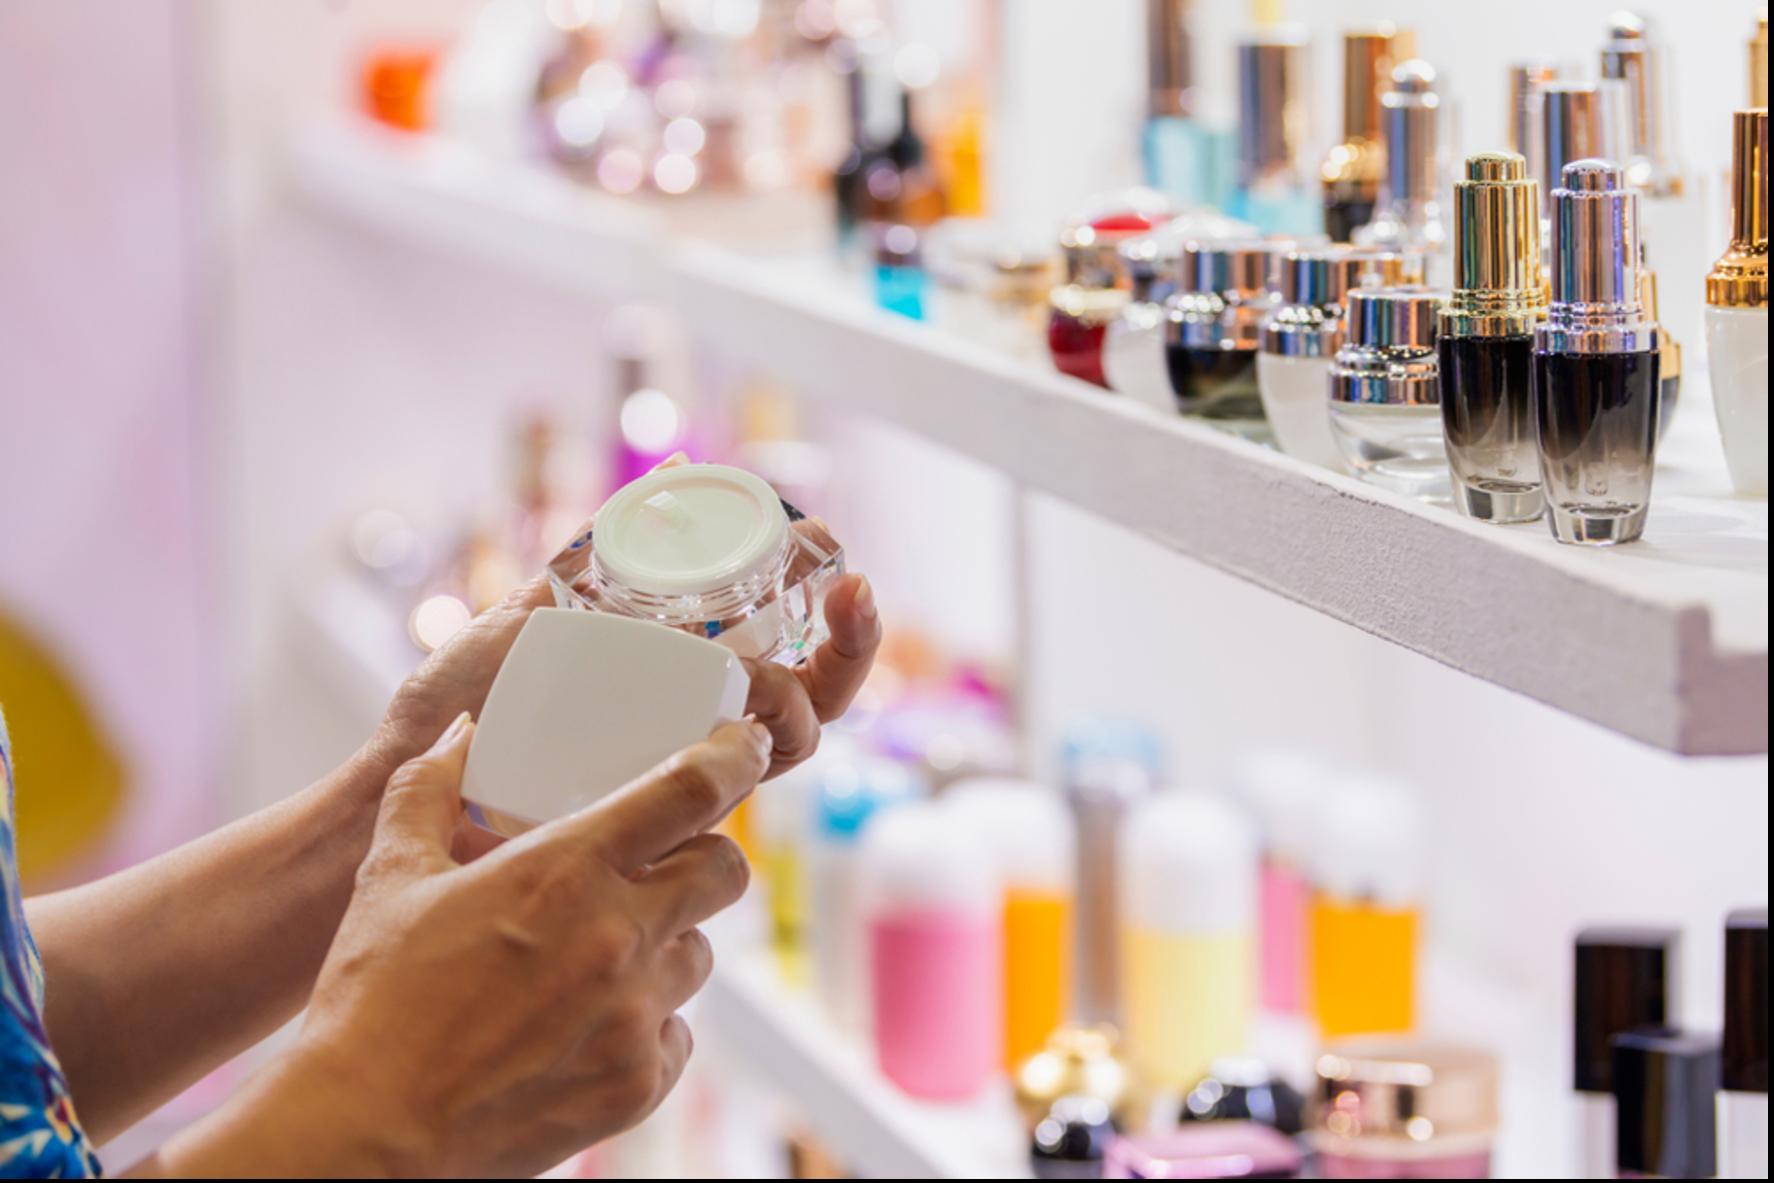 非接触ツールやOMO型店舗など、リアルなショッピング体験を変える店頭DX サムネイル画像